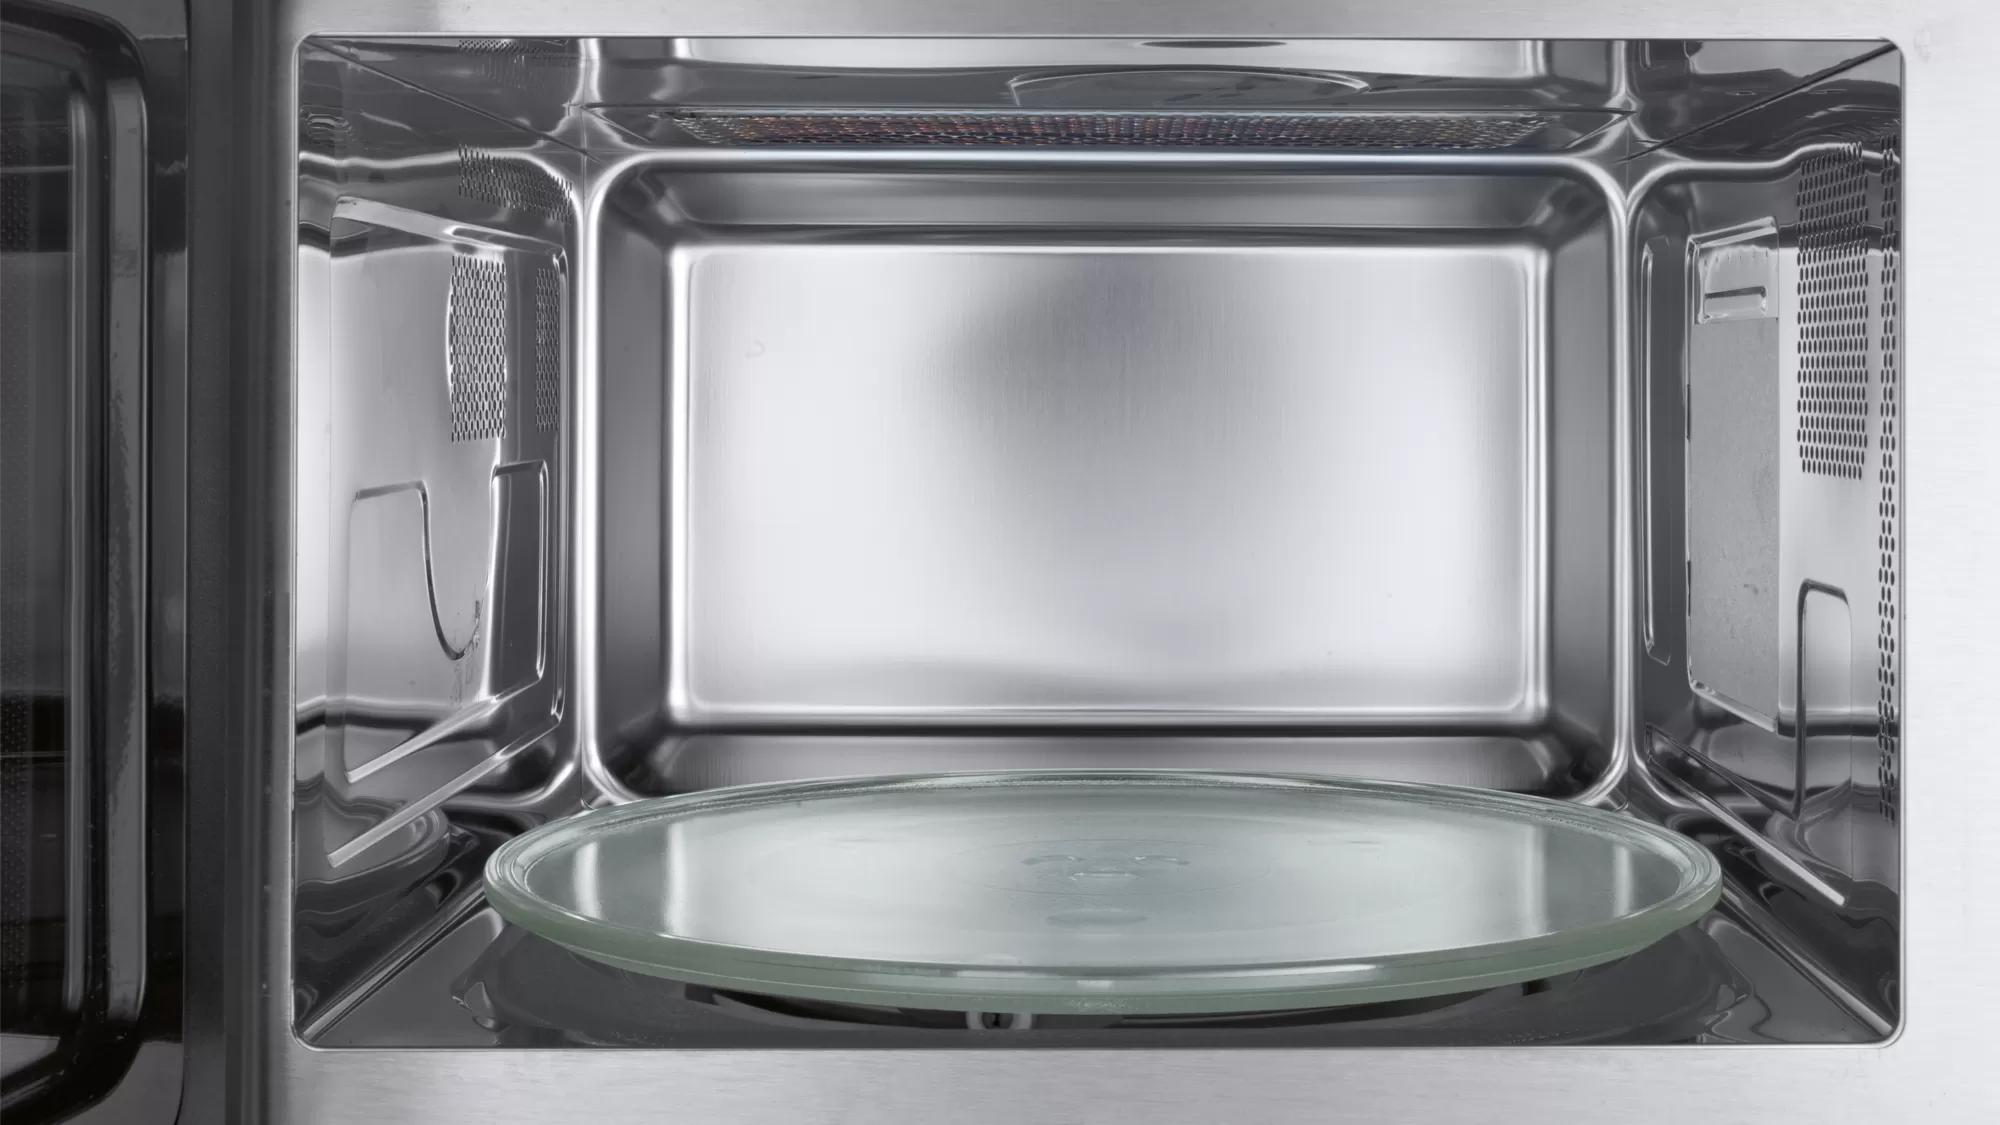 Микроволновая печь Bosch HMT84G451  - 2